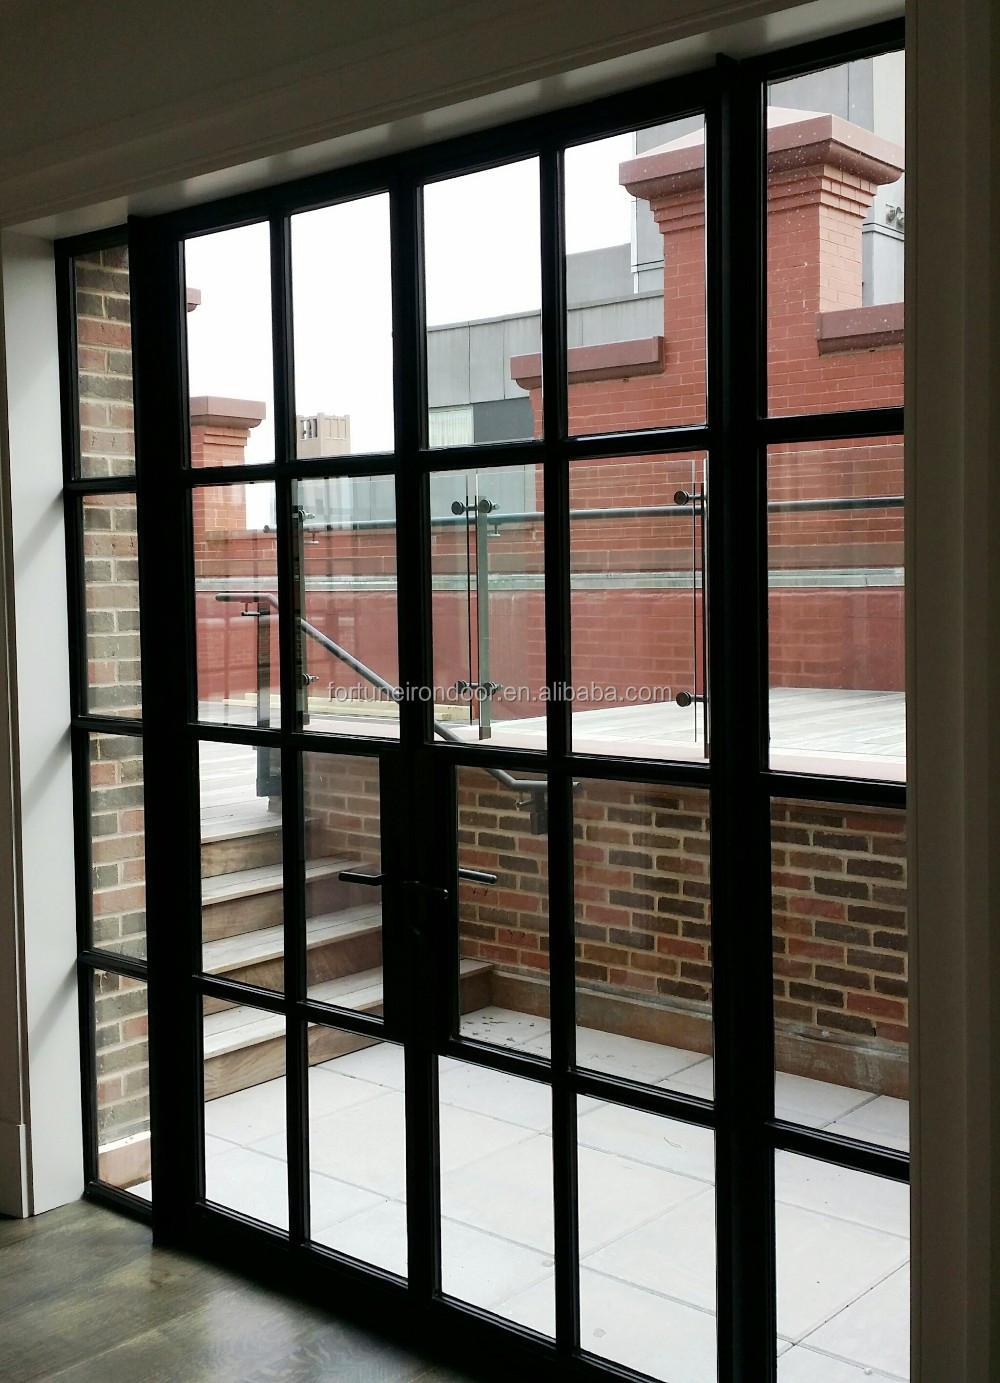 warmgewalzten stahl fenster thermisch getrennte fenster und t ren mit warme kante geh rtetem. Black Bedroom Furniture Sets. Home Design Ideas